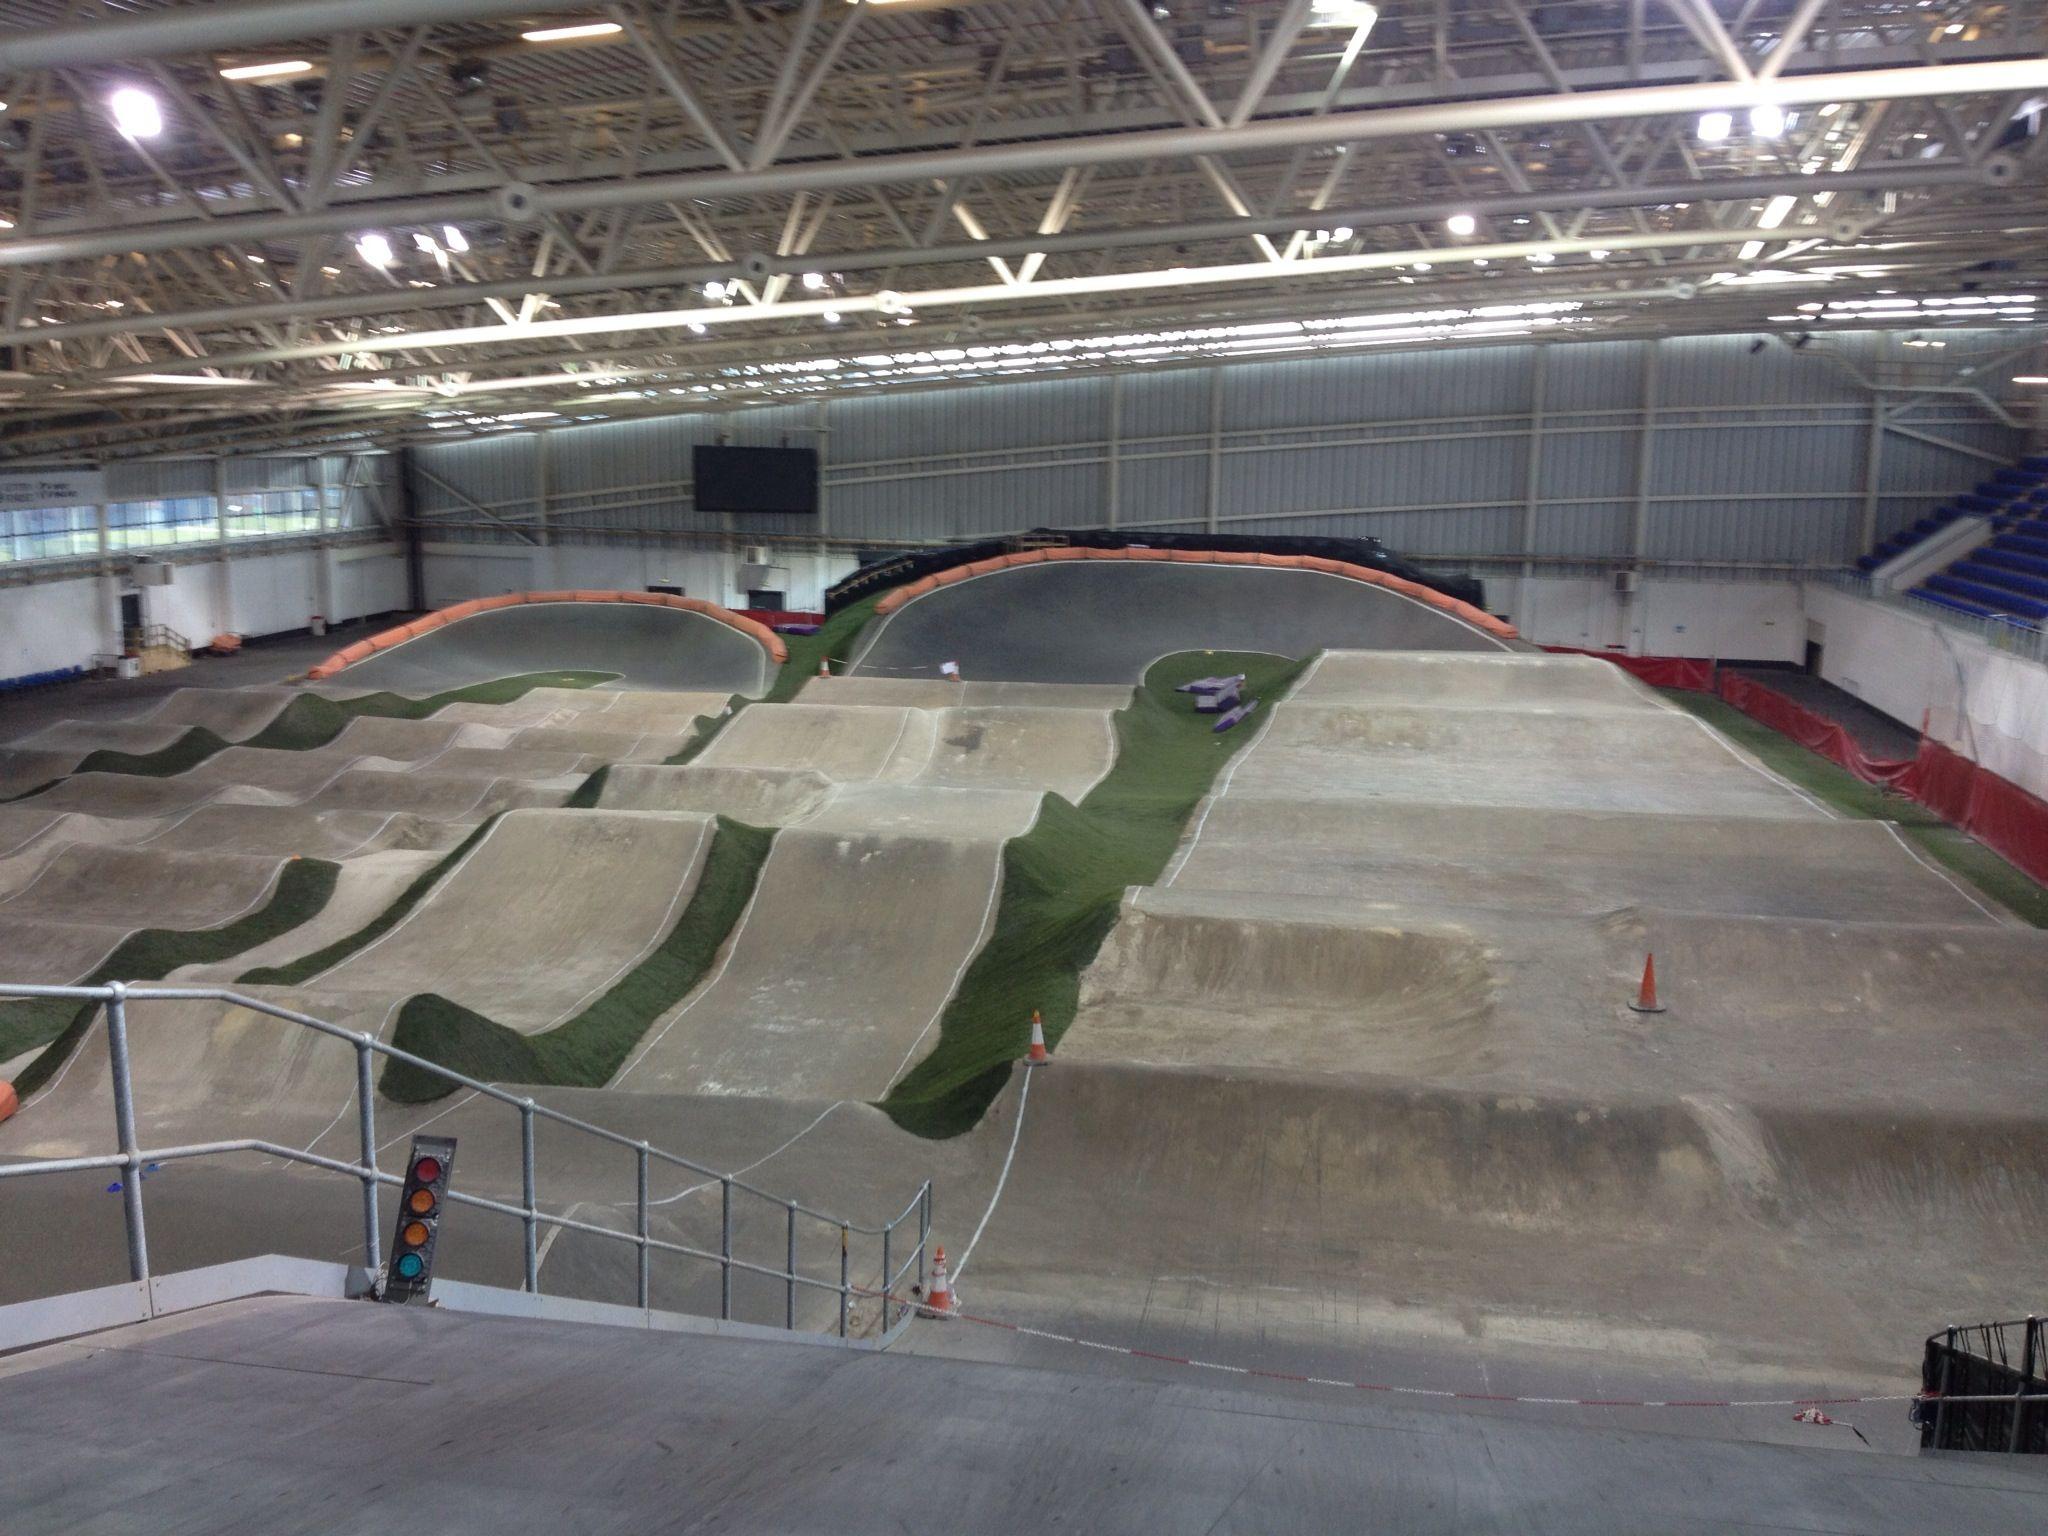 indoor bmx tracks national bmx centre sir robert mcalpine